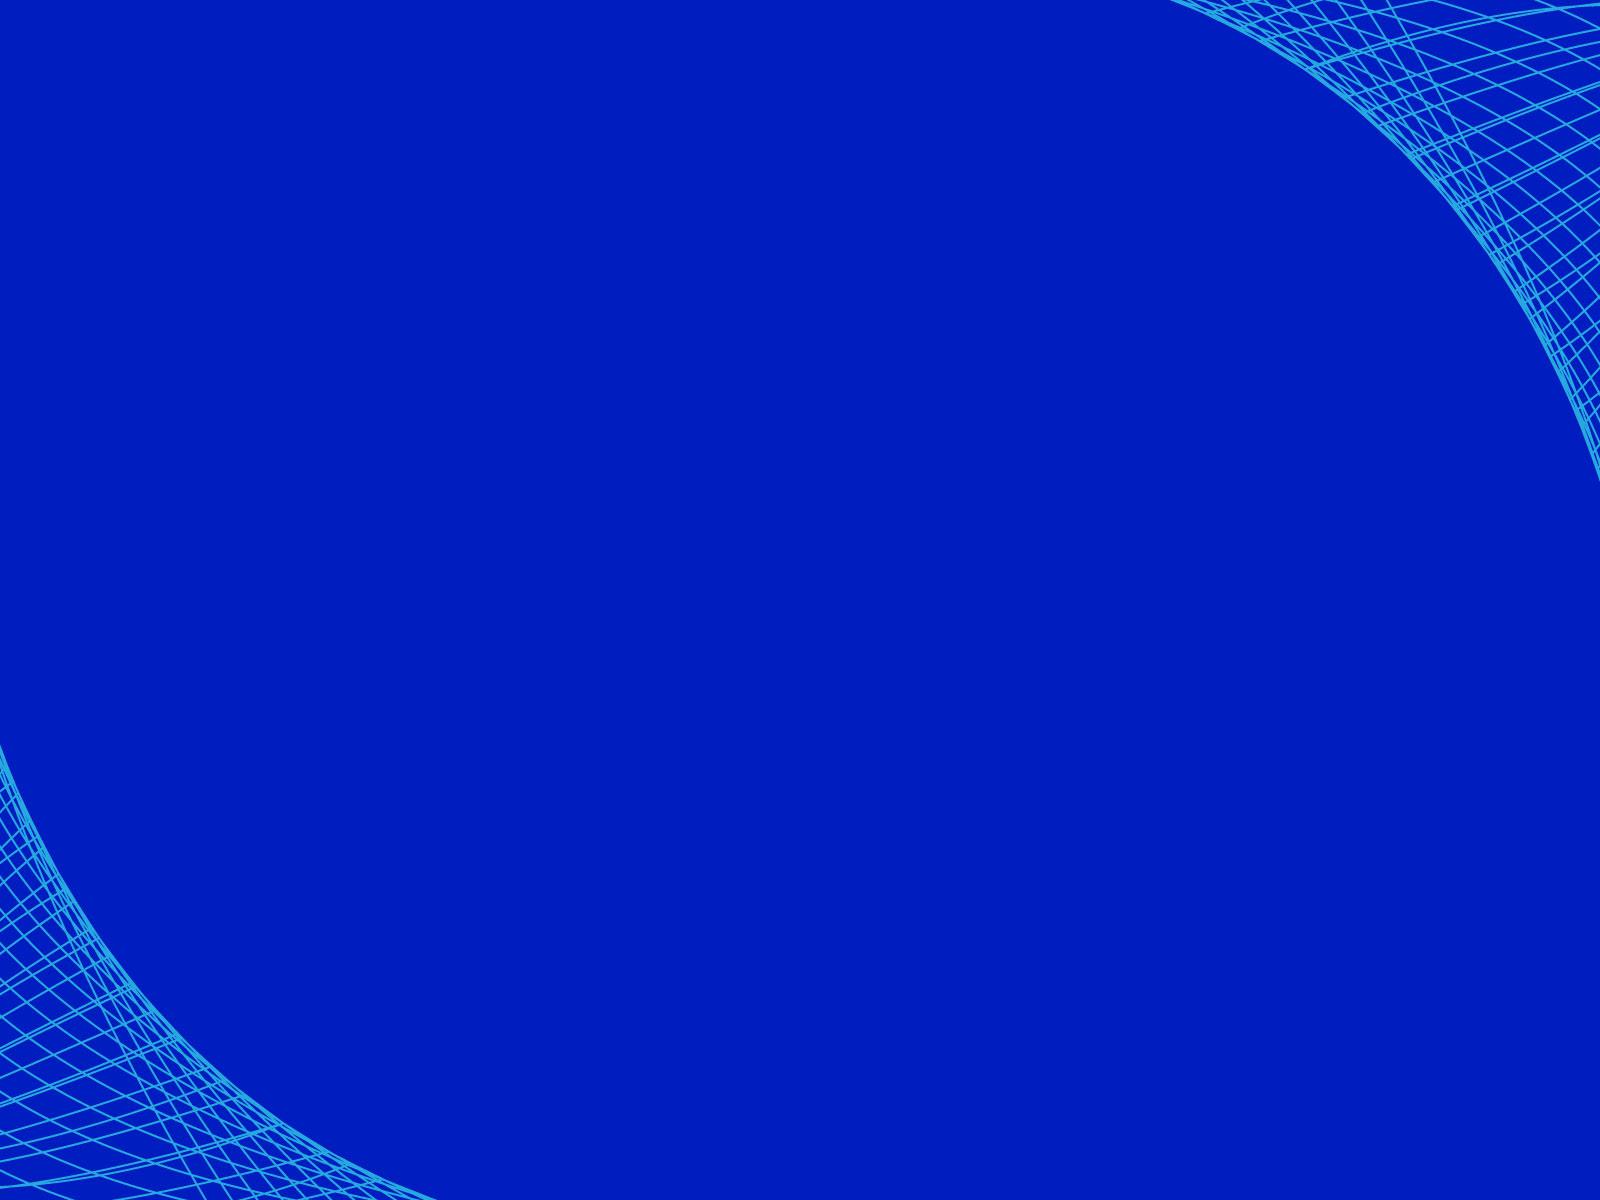 Unduh 41 Koleksi Background For Power Point Slide Gratis Terbaik